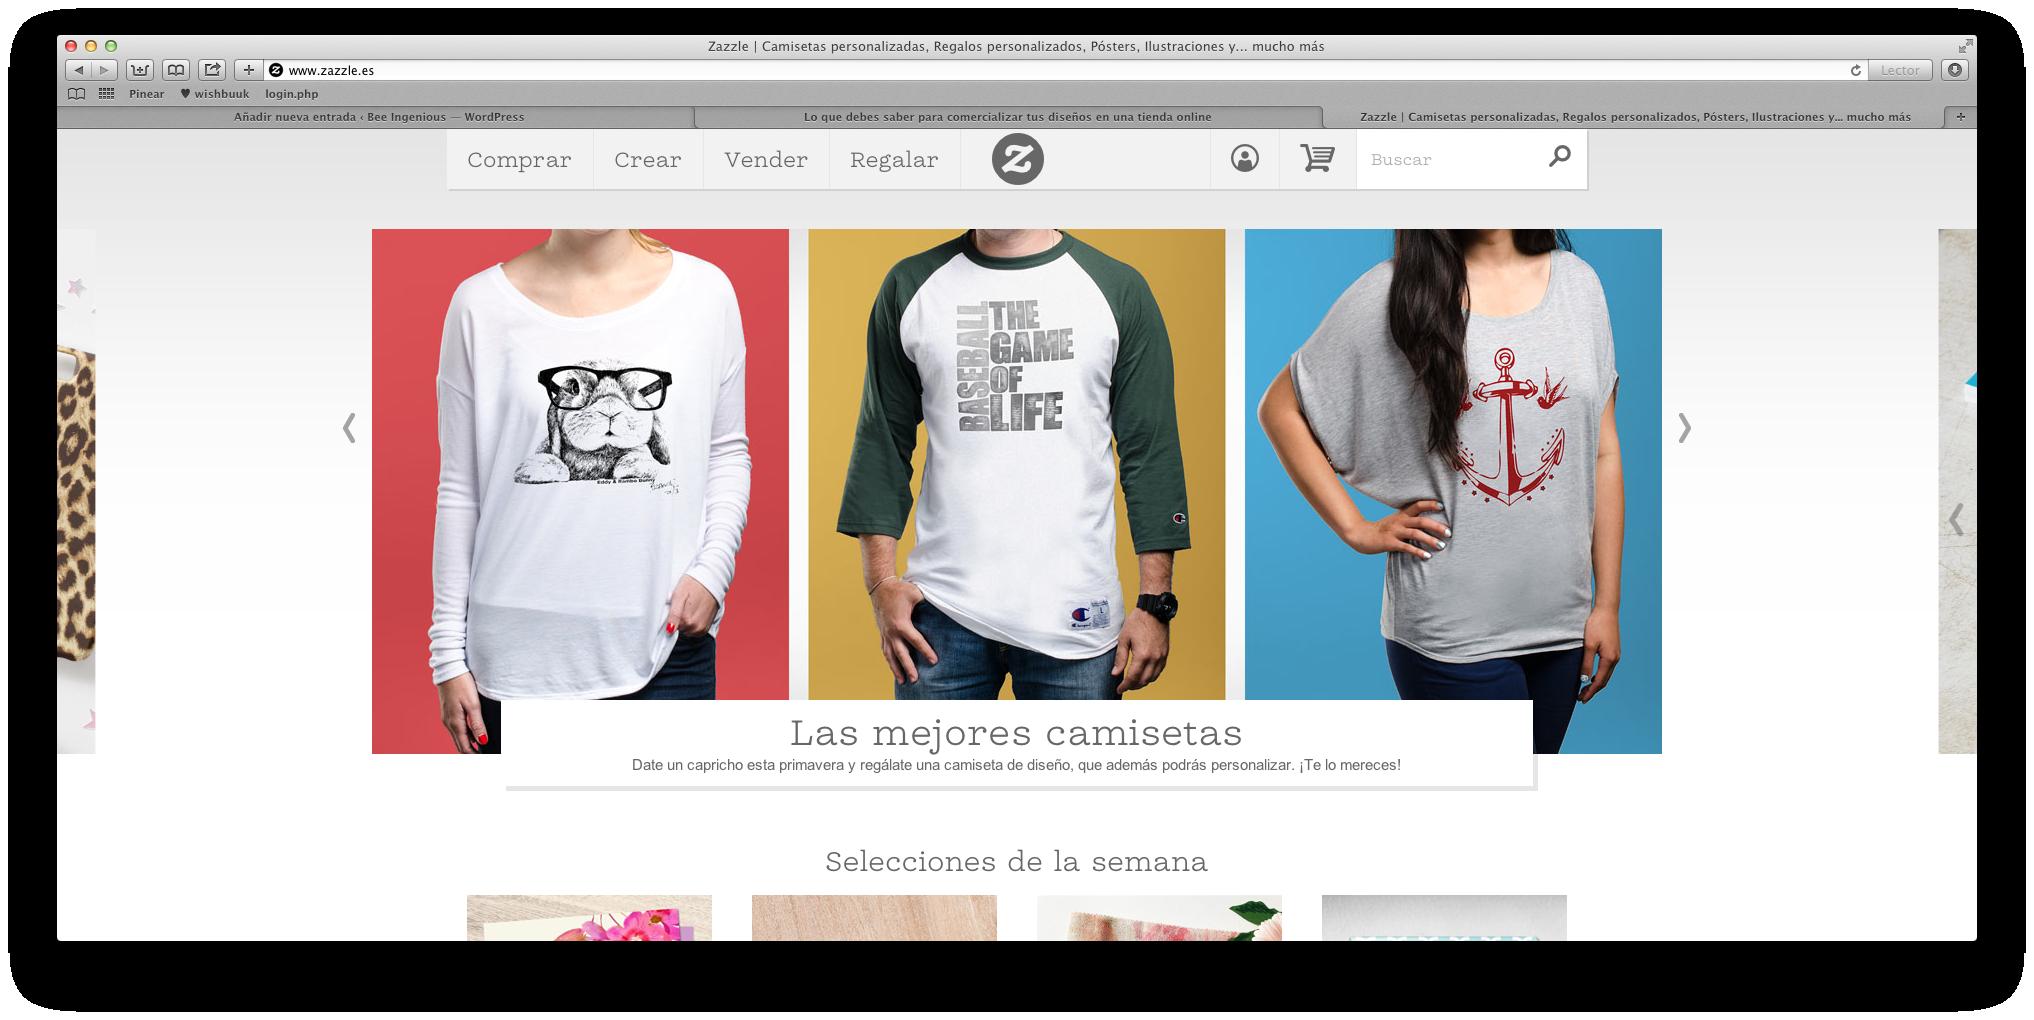 Cómo ganar dinero en internet  vender productos con tus diseños ... 640c9982dd390